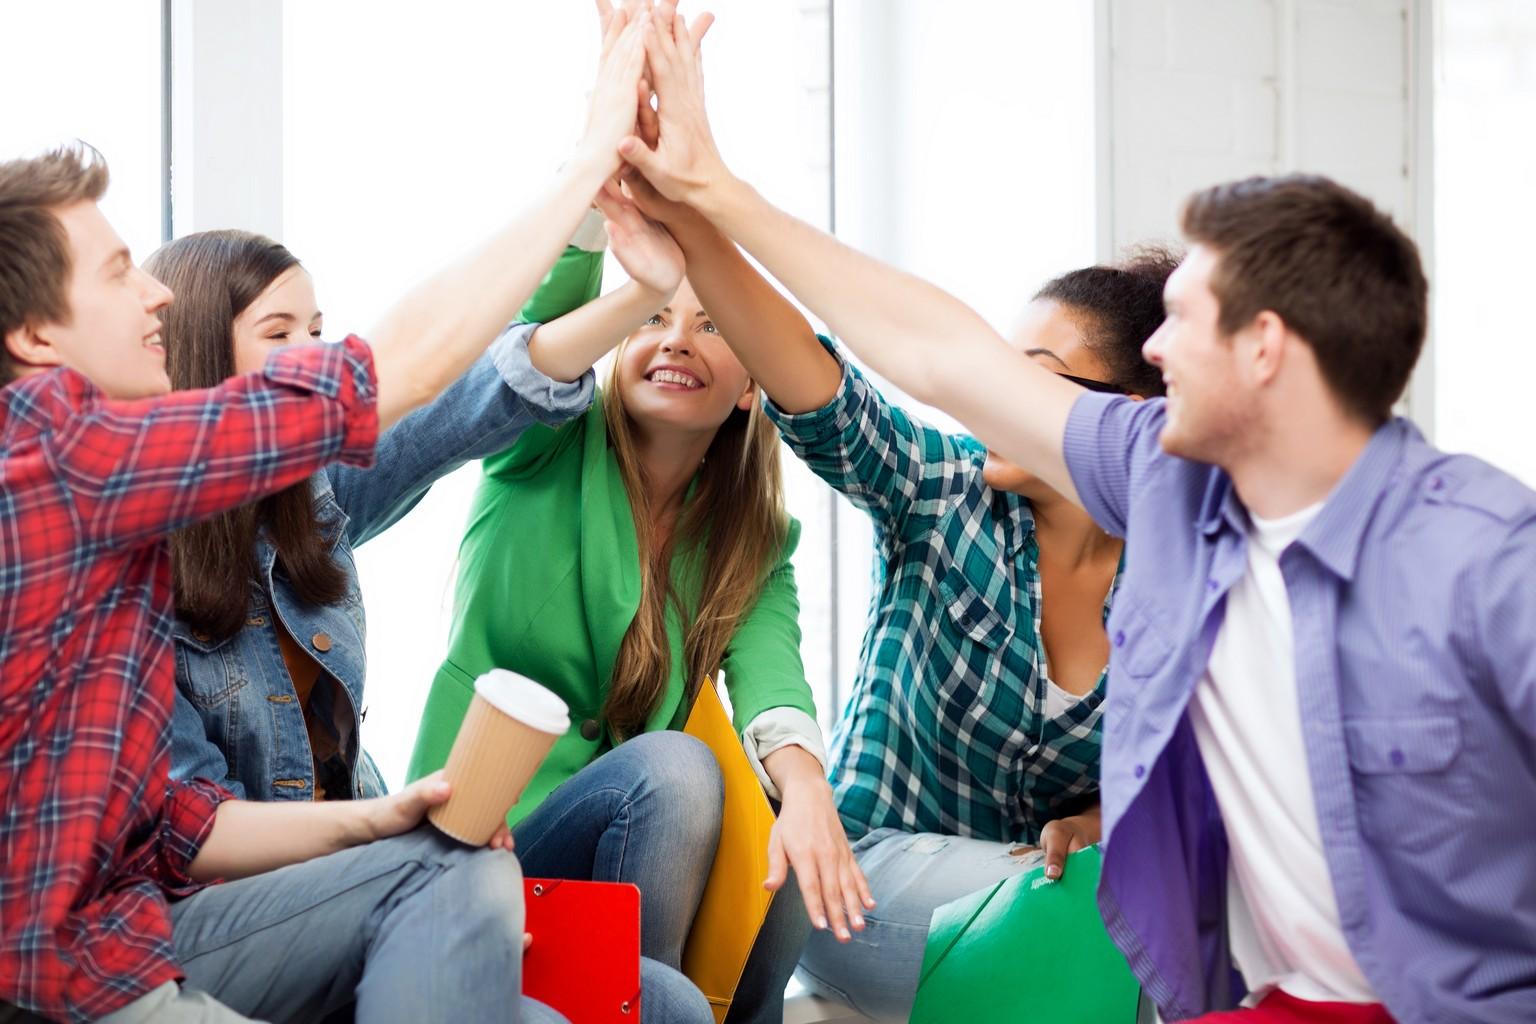 Праздник для студентов состоится в Харькове